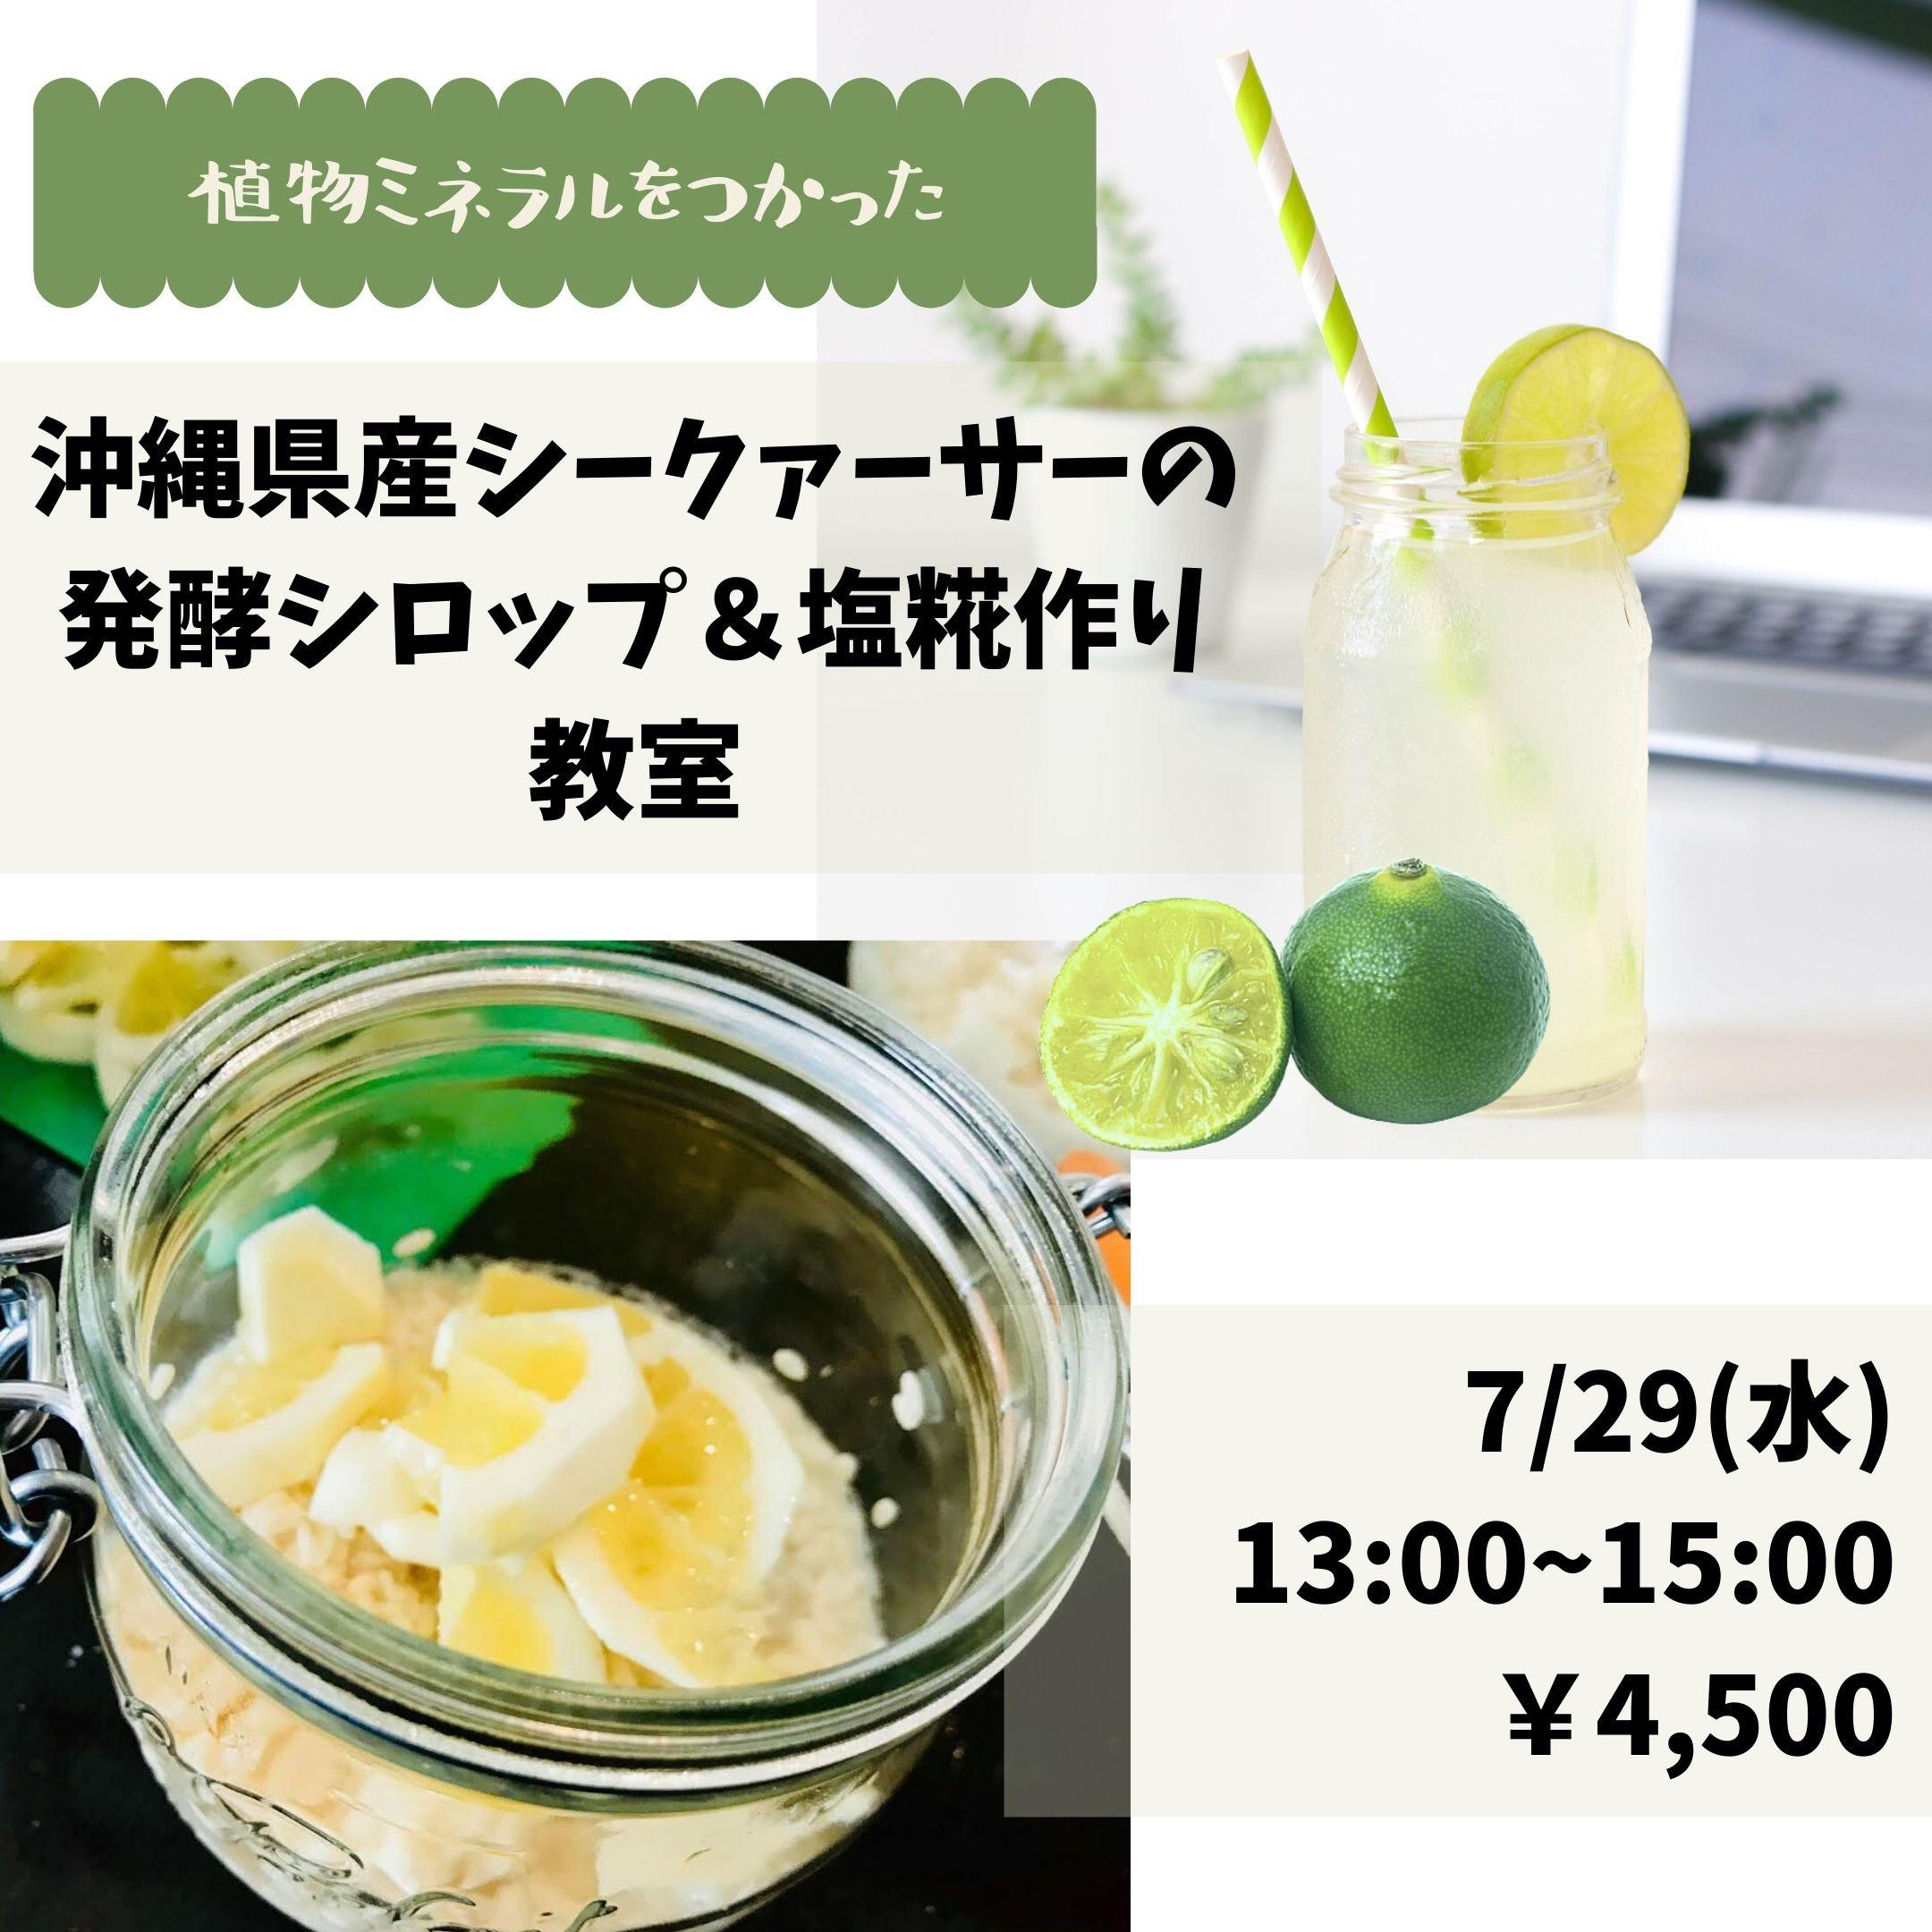 【事前決済専用】沖縄県産シークァーサーで発酵シロップ(菌活ドリンク)&塩糀を作ろうのイメージその1